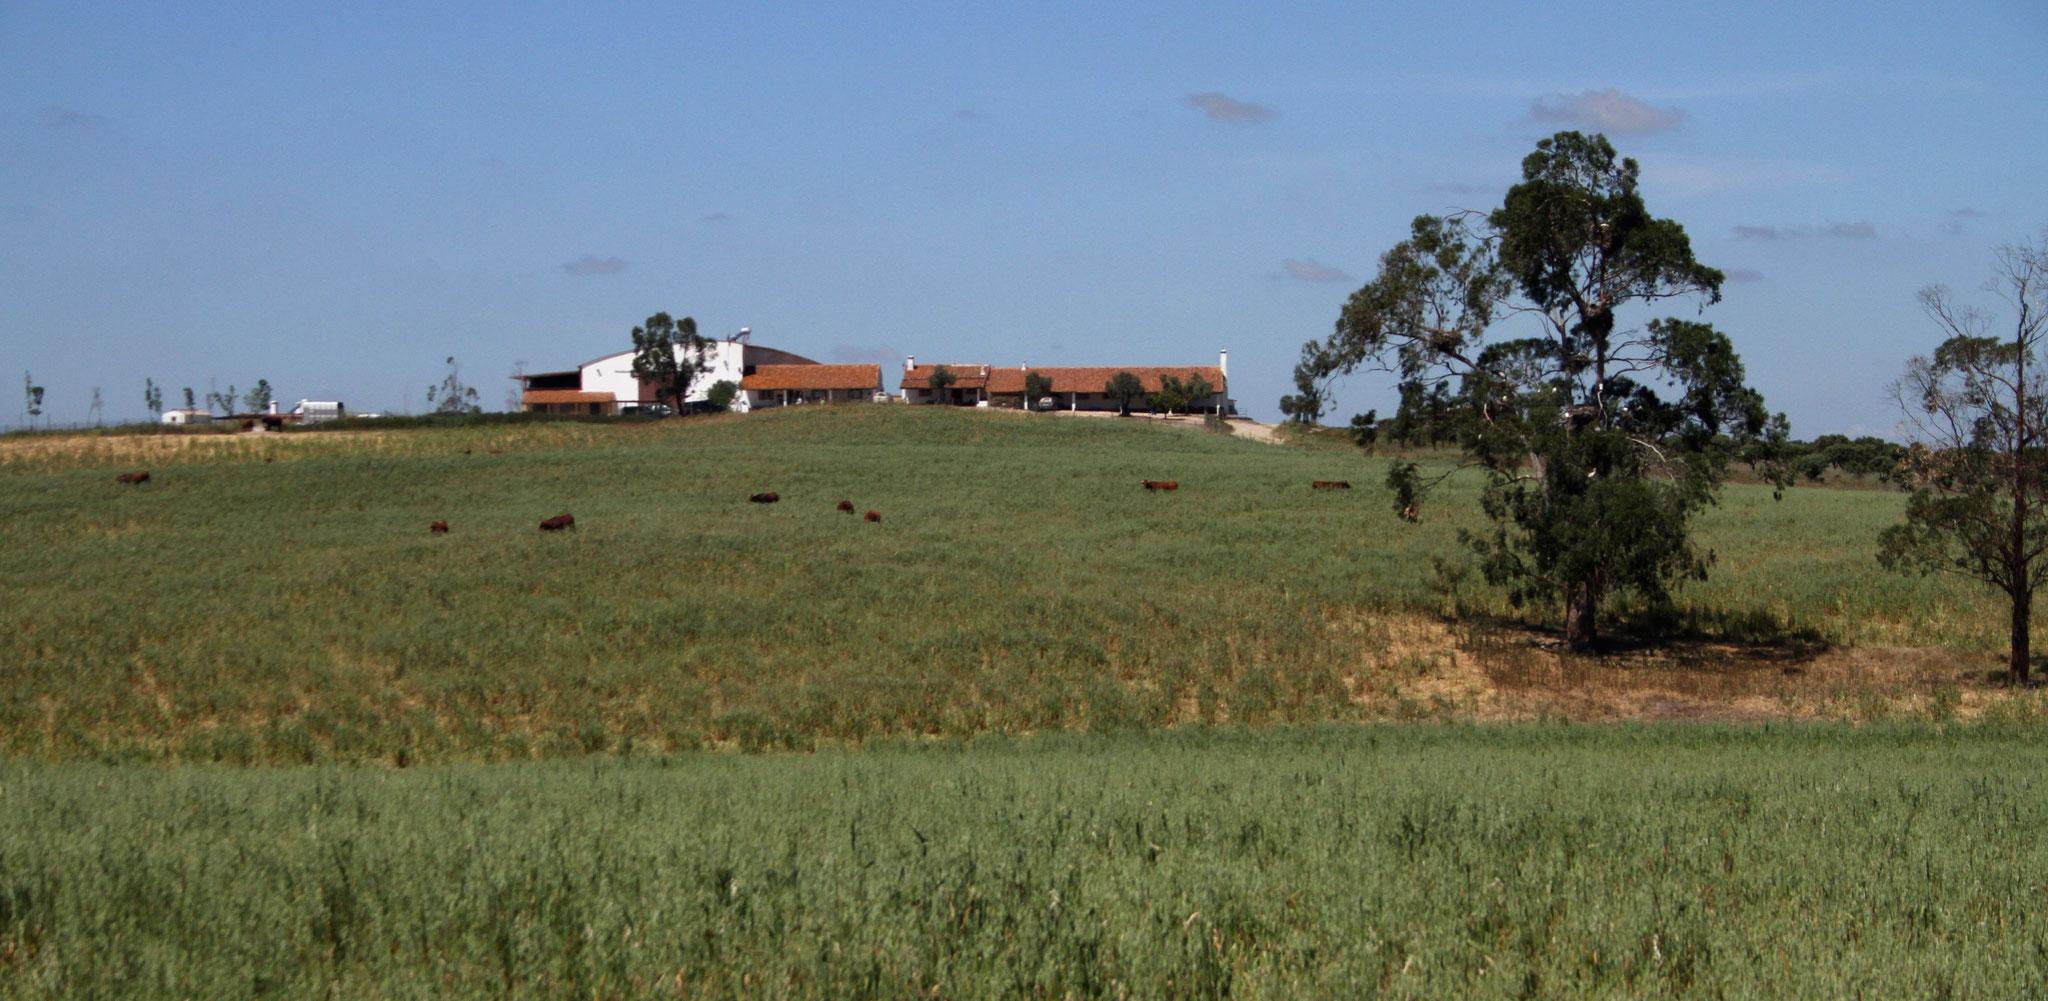 Das Landgut Monte da Aparica mit den Ökonomiegebäuden in der Mitte, dem Wohnhaus der Besitzer rechts und dem (etwas kleineren) Ferienbungalow links davon